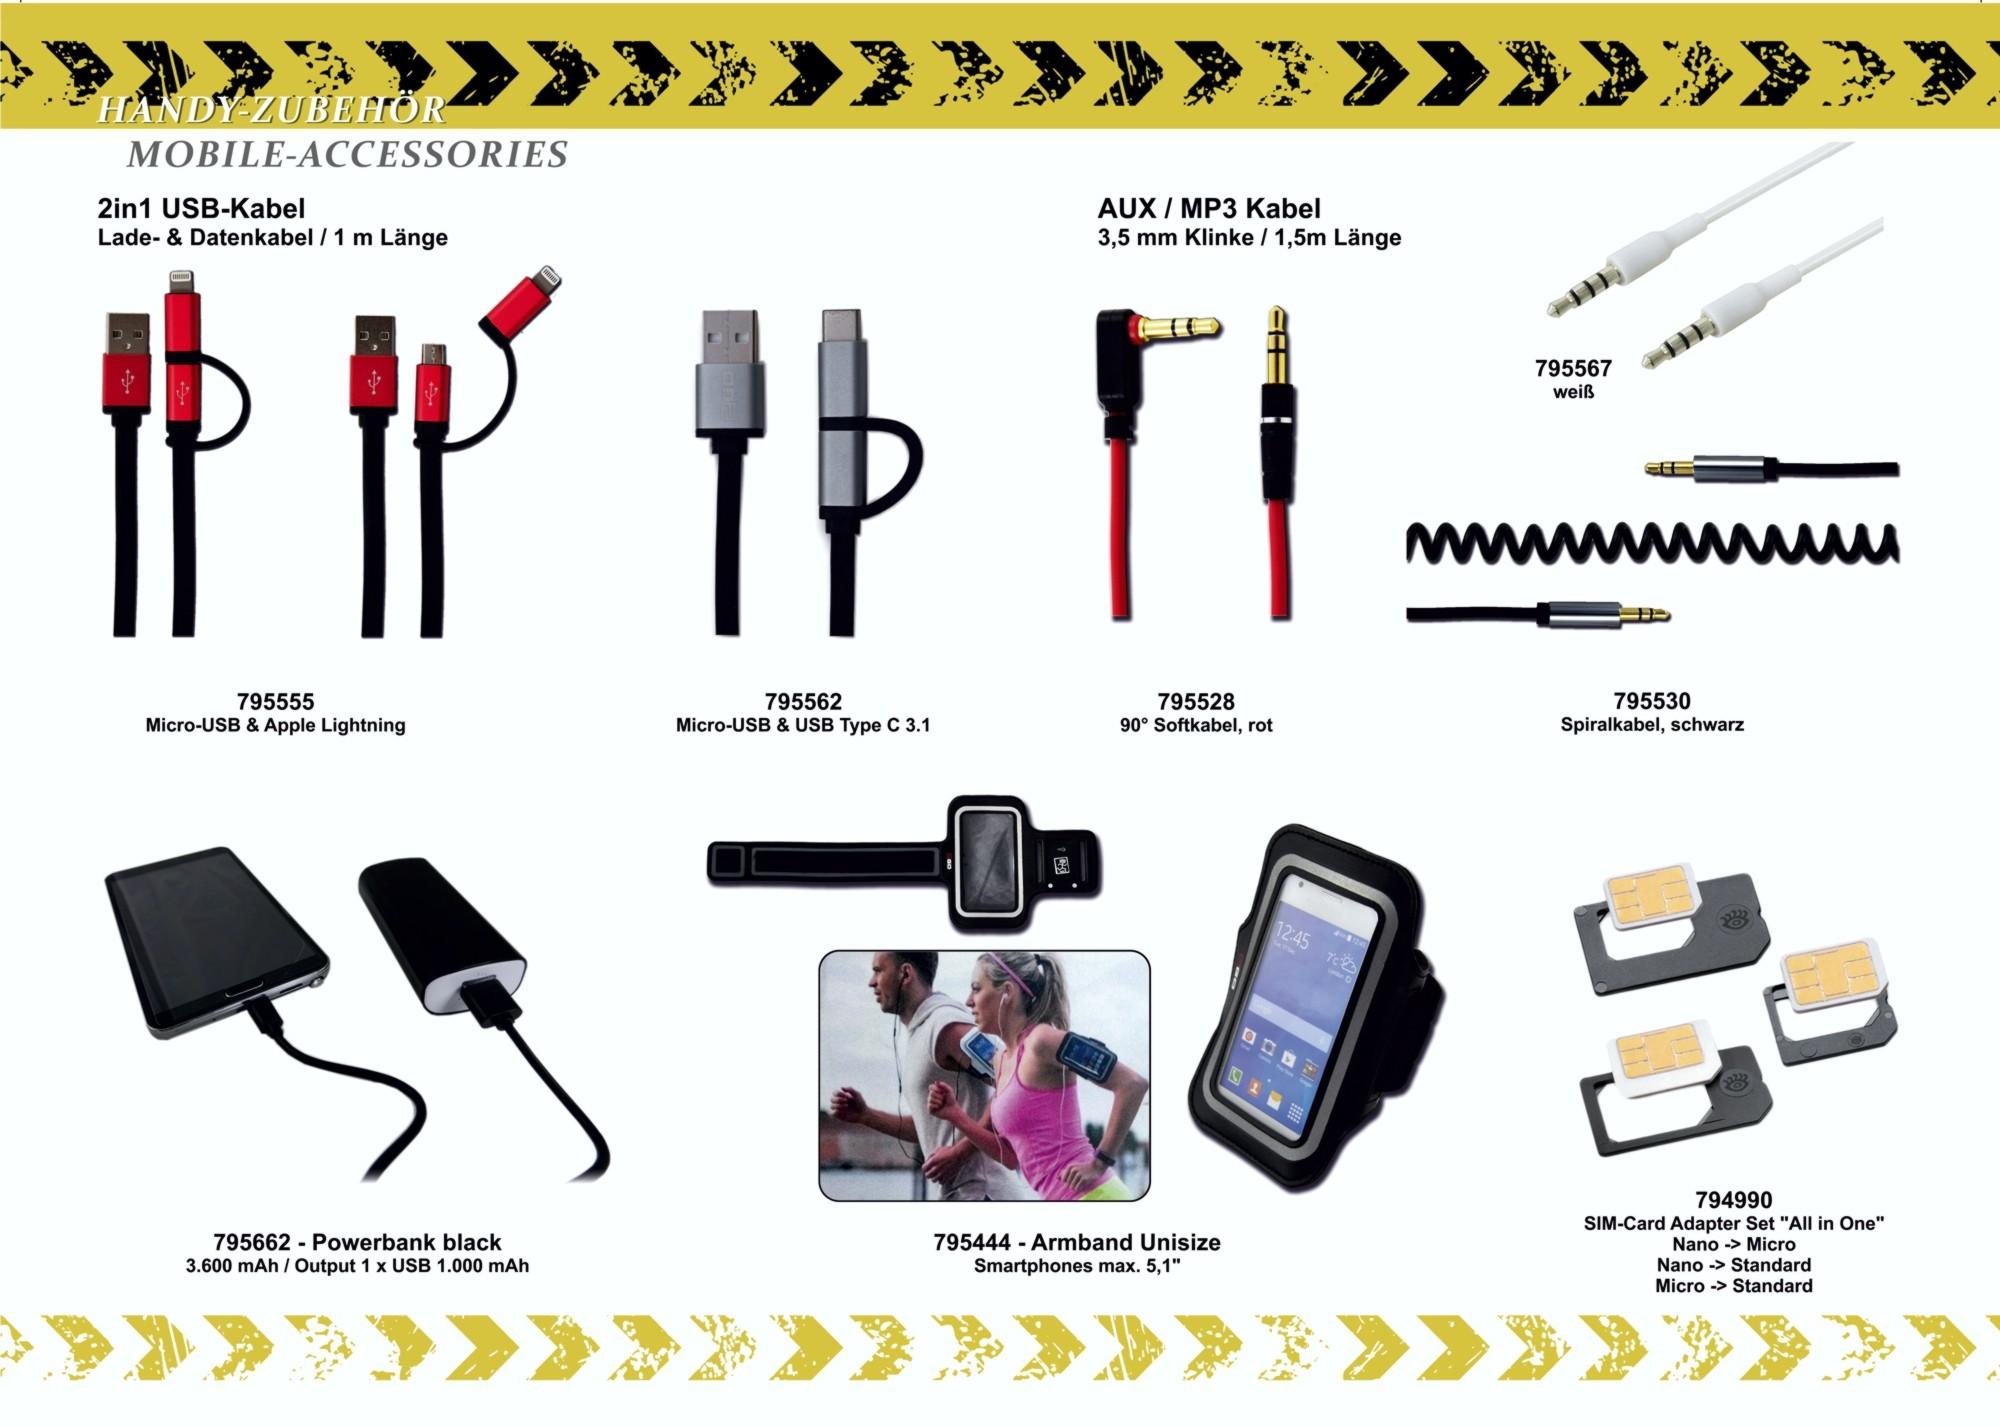 2GO Kfz-Ladegerät für Micro-USB und USB – Bild 3